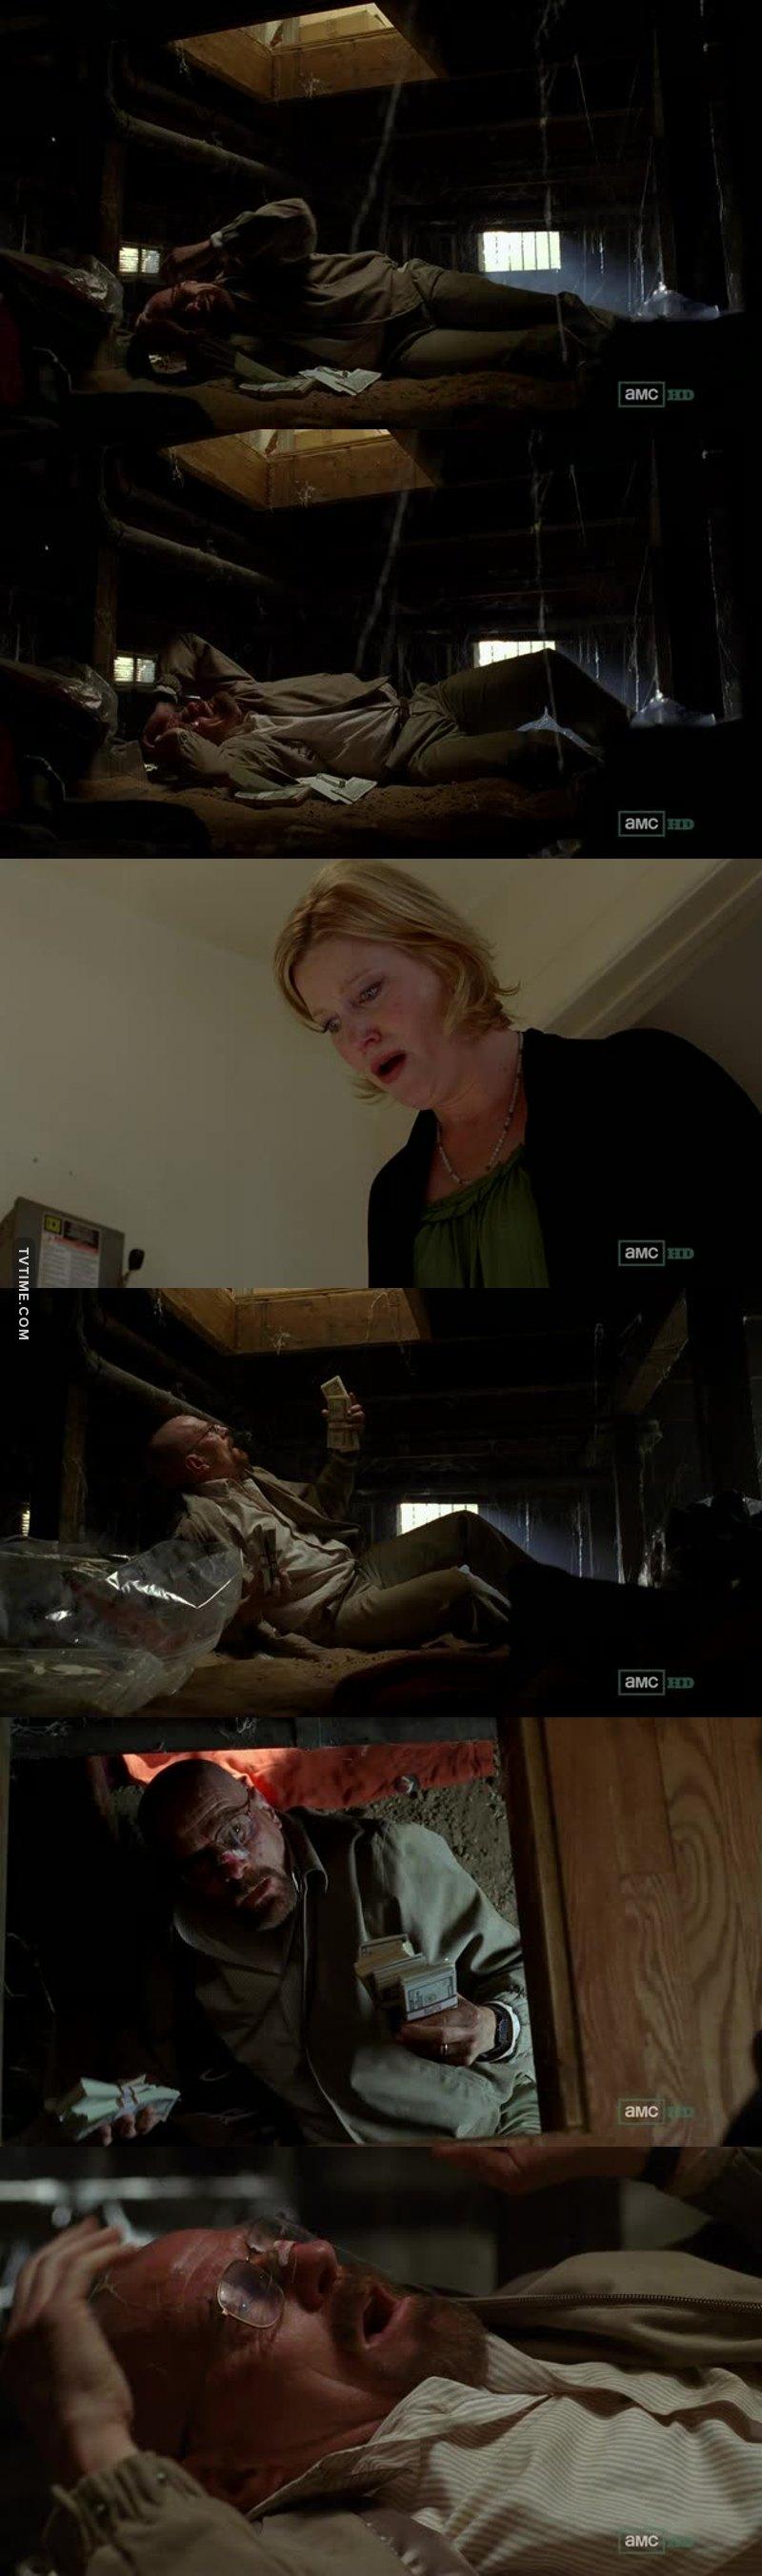 Best shot in season 4 so deep 🏆🏆🏆🥇🥇🥇